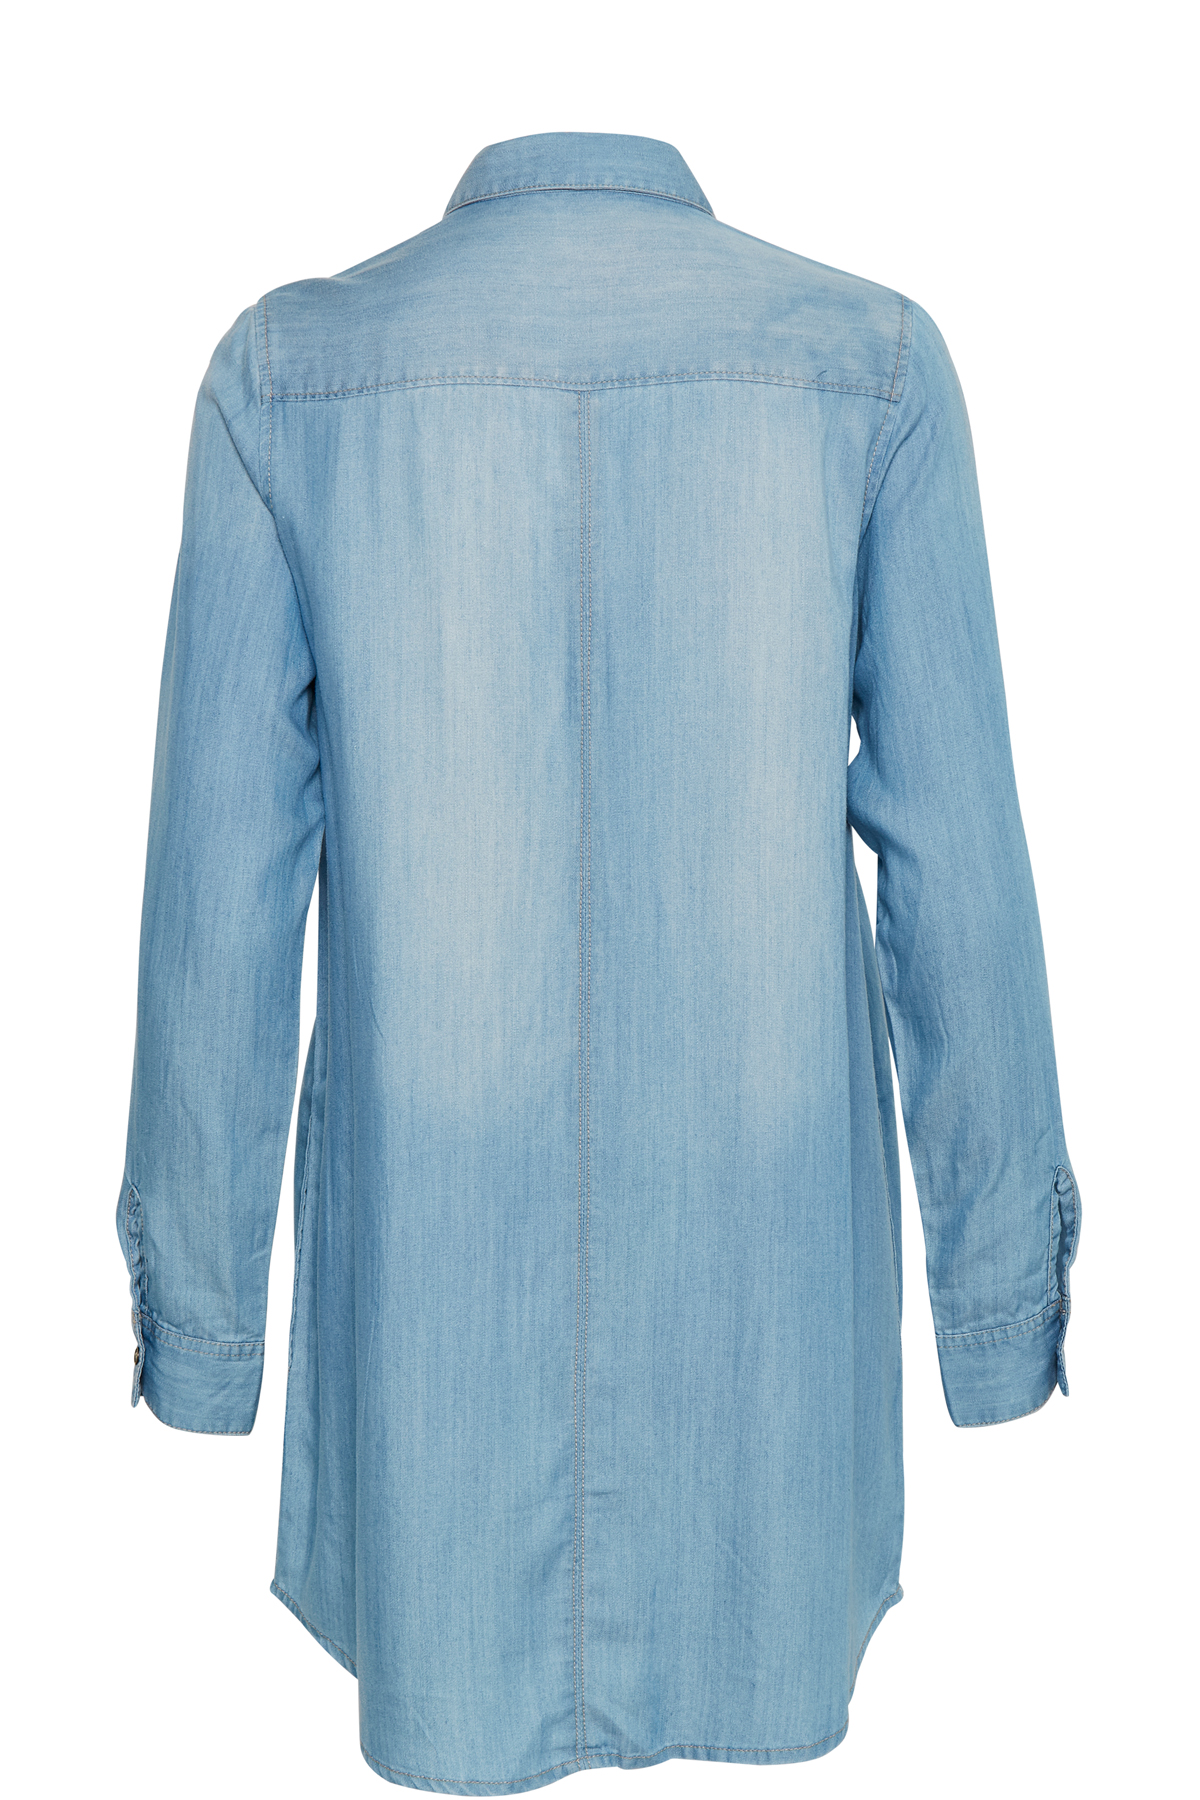 Støvet blå Tunika fra Bon'A Parte – Køb Støvet blå Tunika fra str. S-3XL her